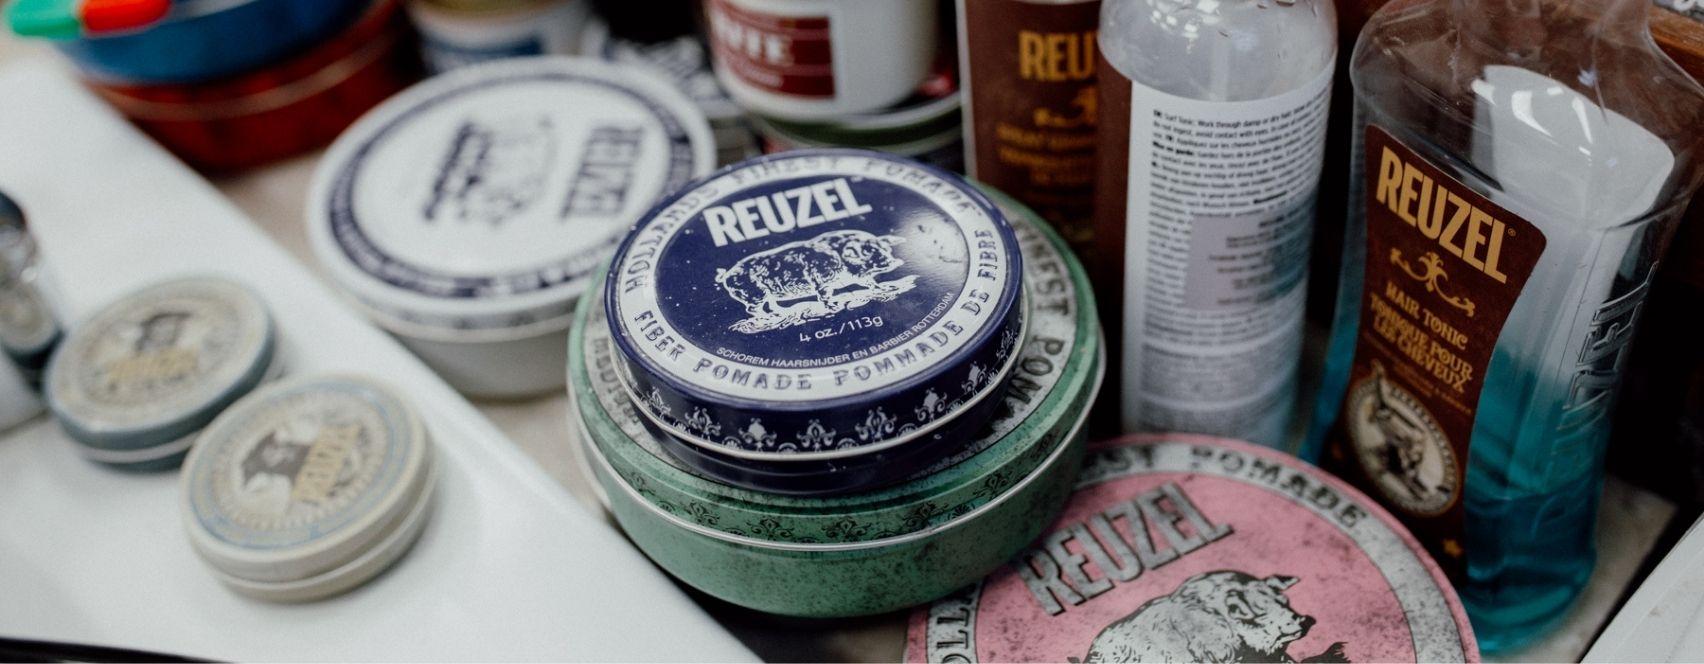 Kosmetyki Reuzel w BarberShopie